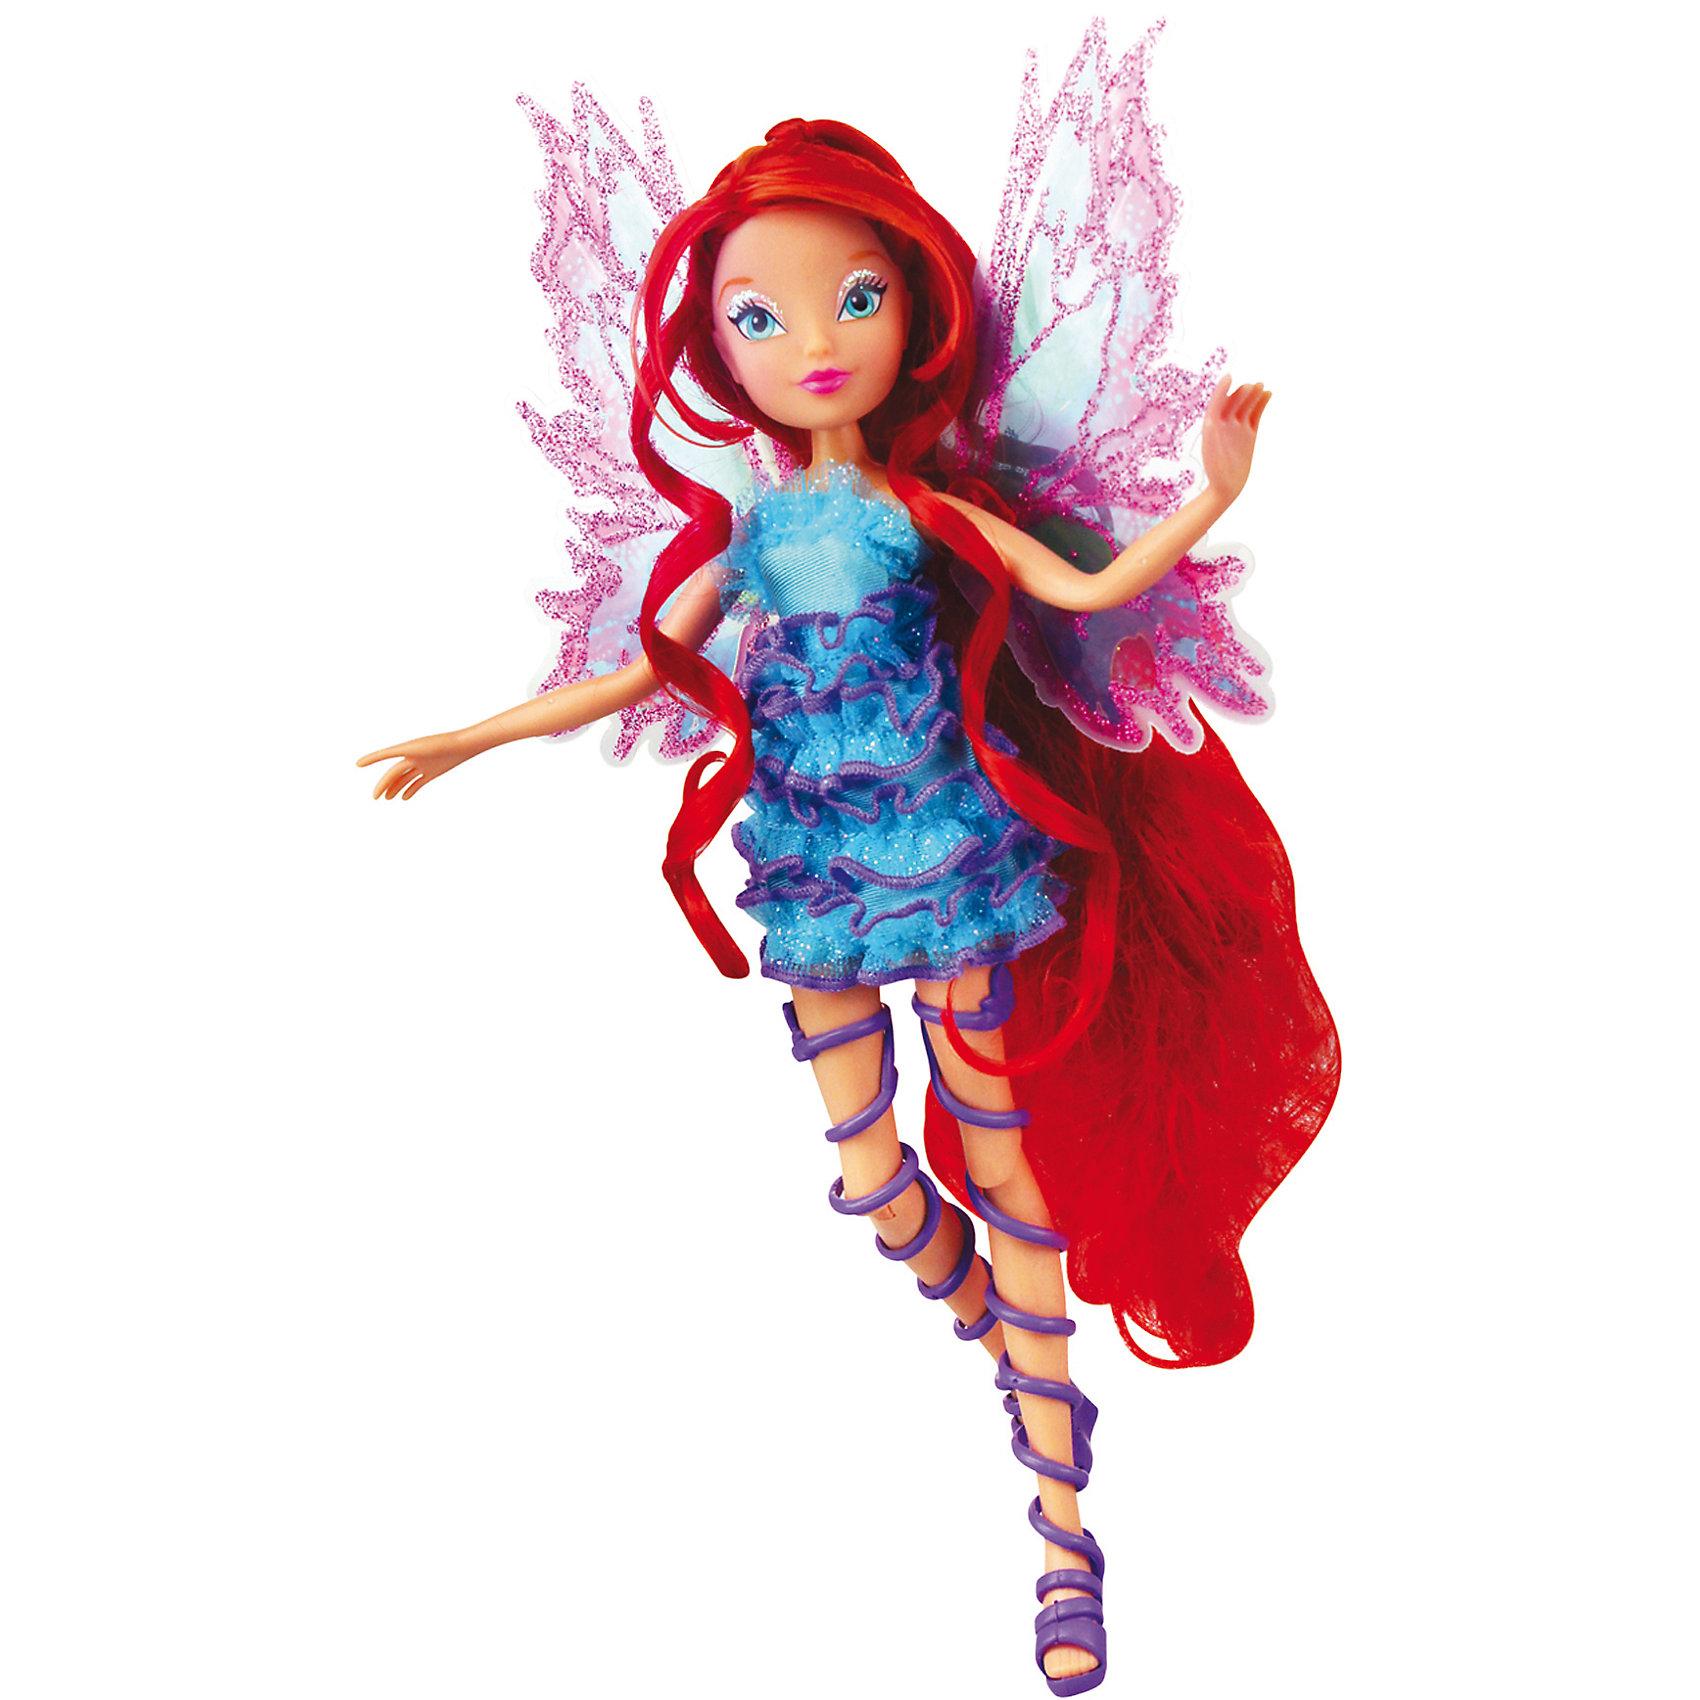 Кукла Winx Club Мификс БлумWinx Club<br>Очаровательные куколки выглядят в точности так же, как и героини мультсериала «Winx Club» (Винкс Клуб). Красавица -Блум одета в нереальное голубое платье, украшенное нежными рюшами, на ногах куколки - оригинальные босоножки, в руках- волшебный скипетр. Длинные мягкие волосы очень приятно расчесывать, создавая великолепные прически. Позвольте вашей девочке почувствовать себя настоящей феей вместе с любимыми героинями. Собери все куколок, проигрывай запомнившиеся моменты из мультсериала или придумывай свои новые истории! <br><br>Дополнительная информация:<br><br>- Комплектация: кукла, скипетр, съемные крылья, одежда, обувь.<br>- Материал:  пластик, текстиль. <br>- Высота куклы: 27 см.<br>- Голова, руки, ноги подвижные. <br><br>Куклу Winx Club Мификс, Блум, можно купить в нашем магазине.<br><br>Ширина мм: 290<br>Глубина мм: 60<br>Высота мм: 345<br>Вес г: 375<br>Возраст от месяцев: 36<br>Возраст до месяцев: 84<br>Пол: Женский<br>Возраст: Детский<br>SKU: 4345034